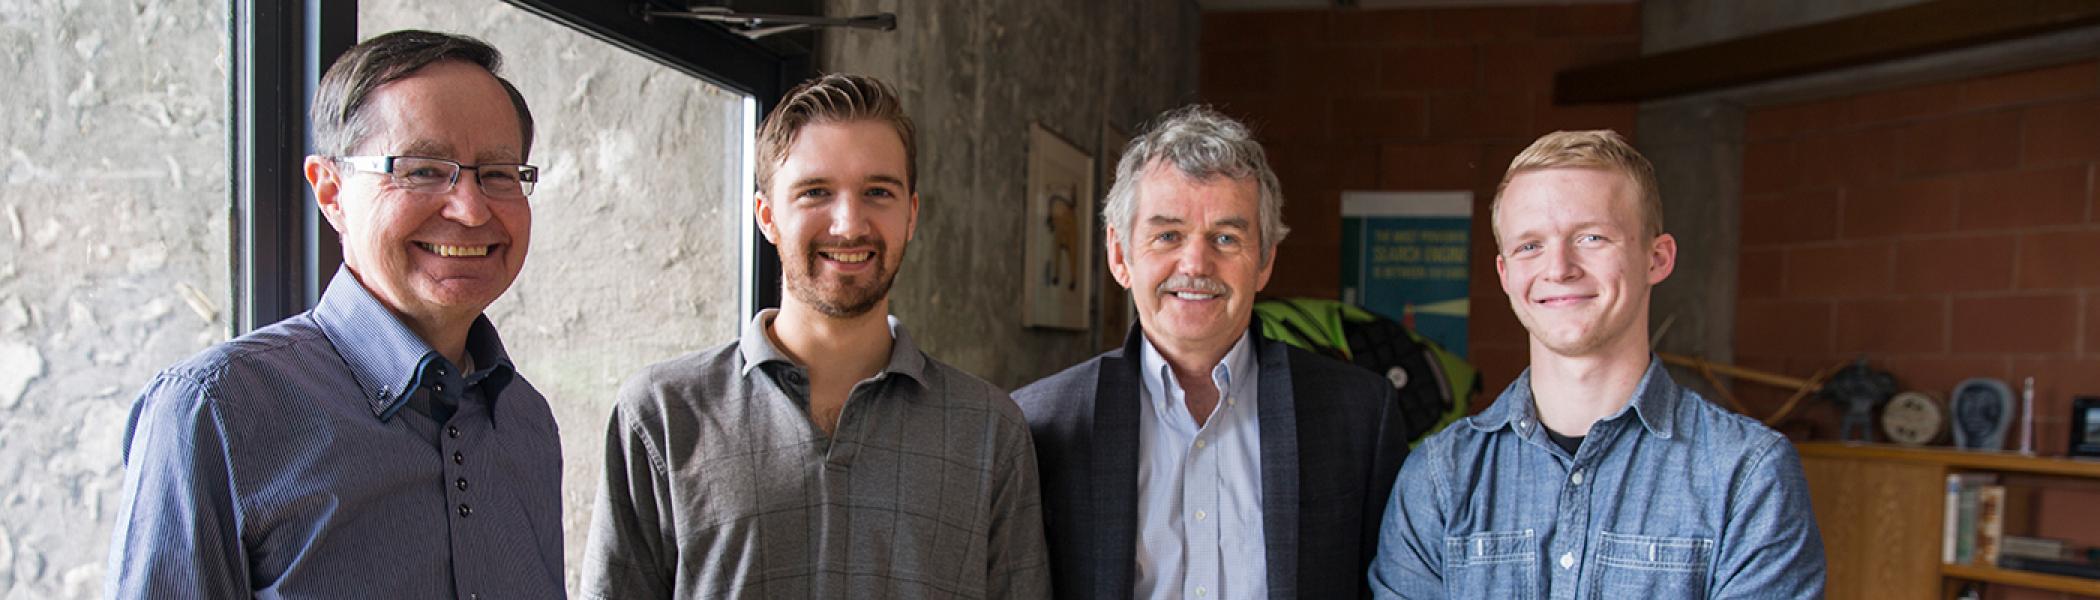 Dr. Leo Groarke, James Middleton, Adam Ryan & Rylan Auger standing side by side, smiling at the camera